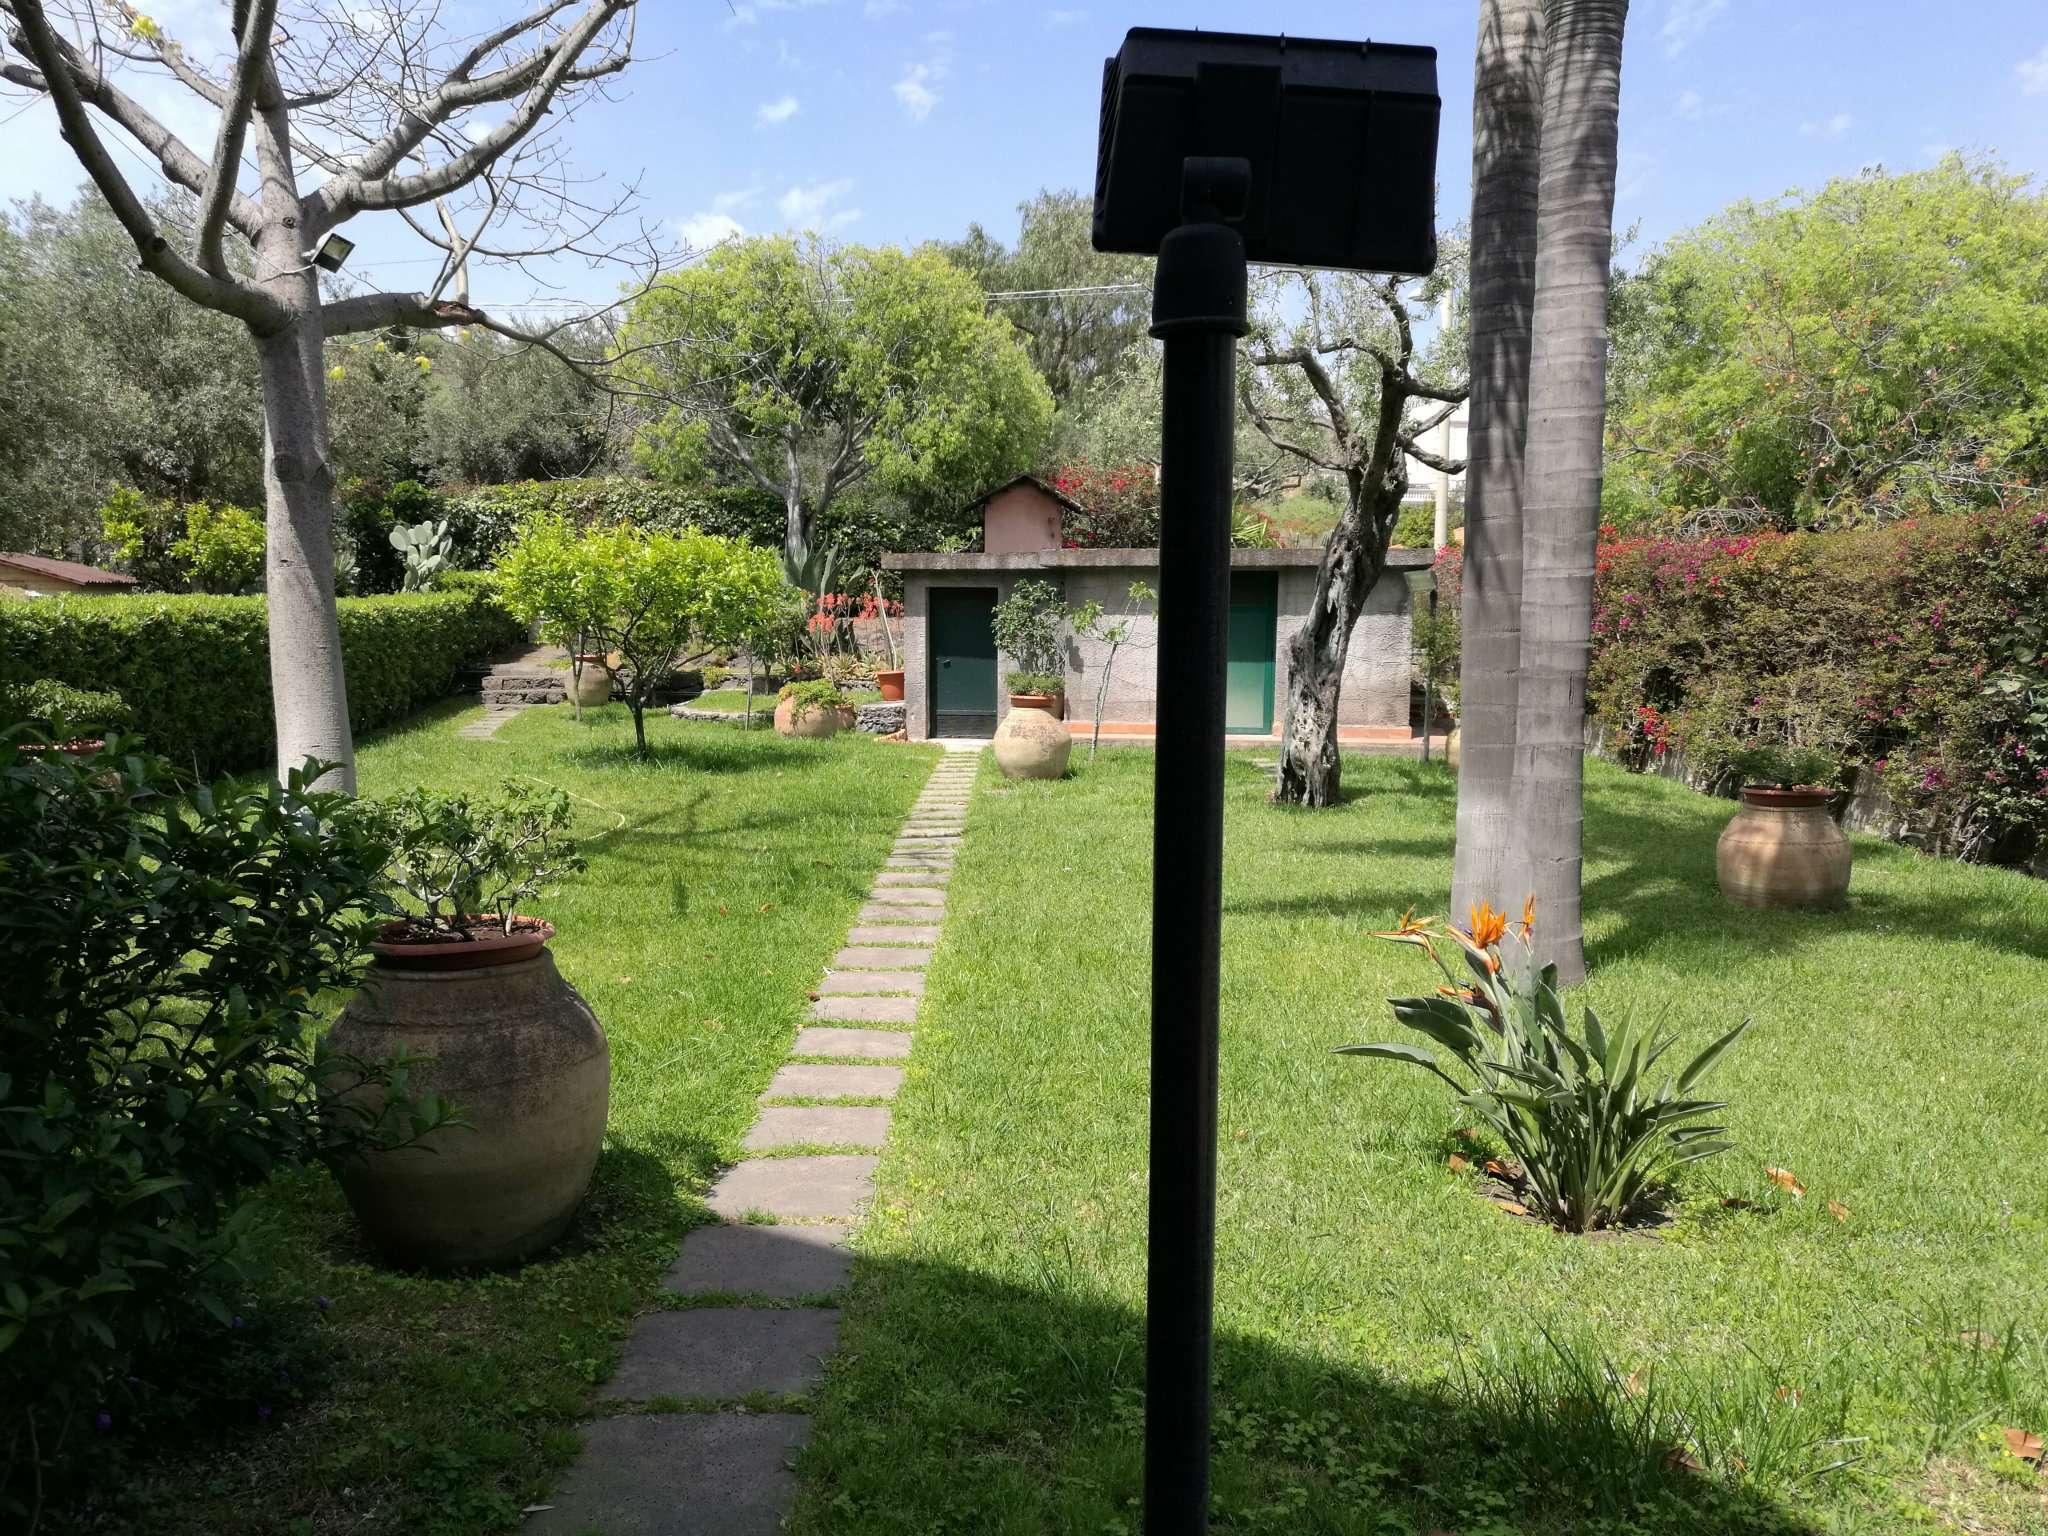 Villa in vendita a Aci Castello, 9999 locali, Trattative riservate | CambioCasa.it